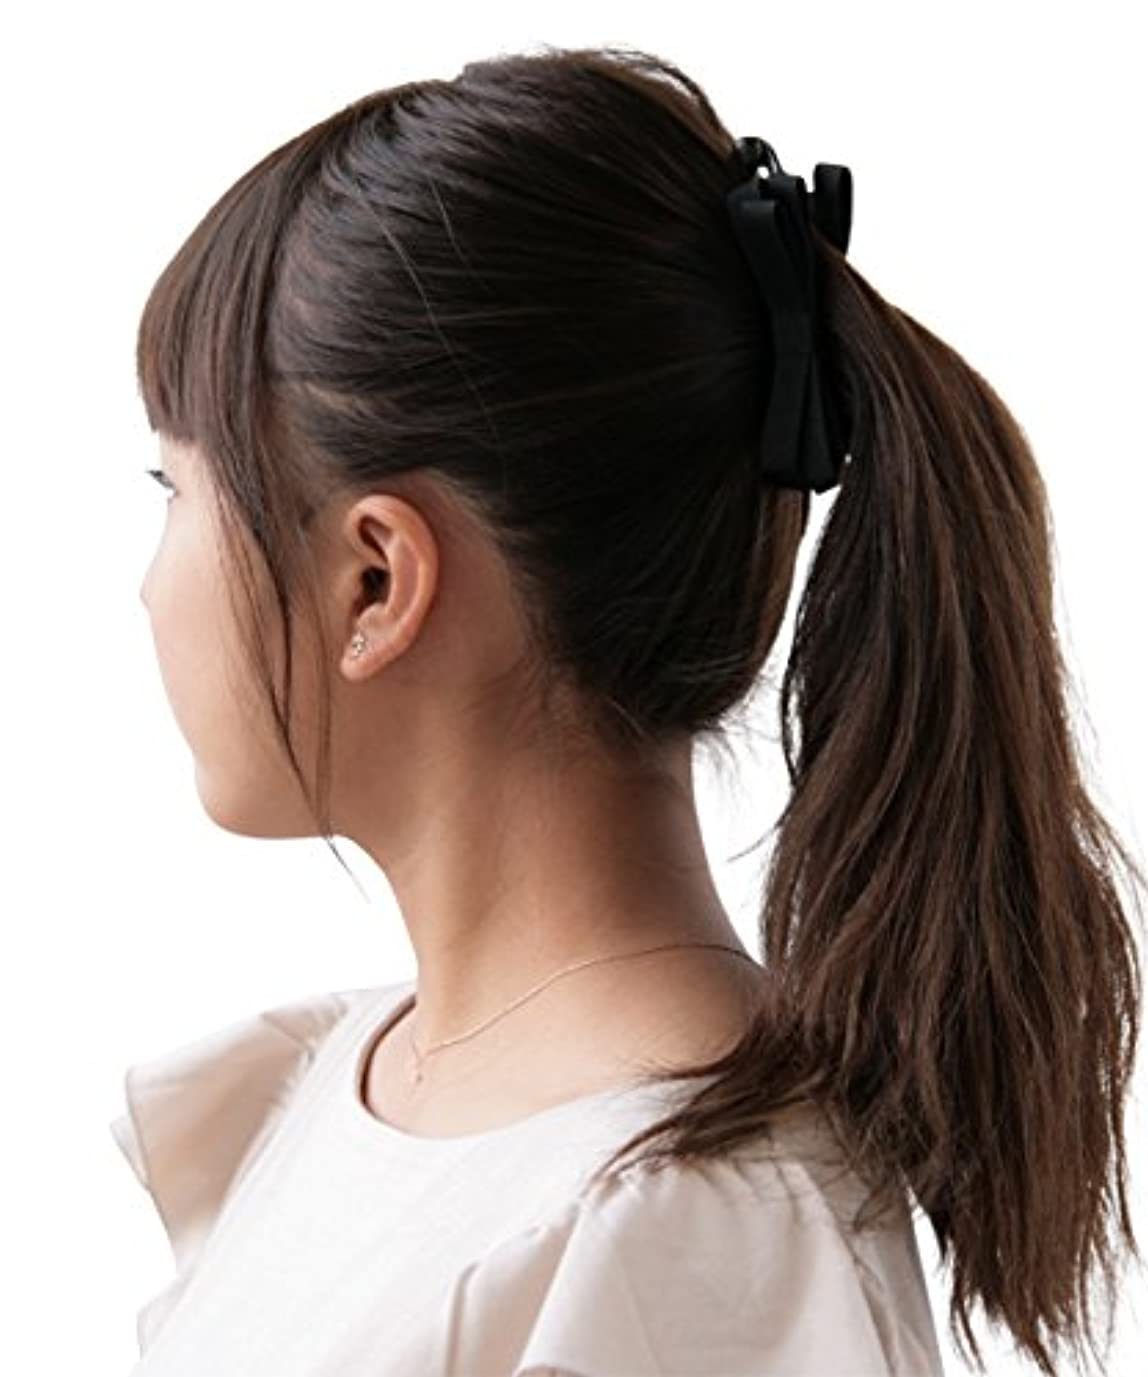 ボナバンチュール(Bonaventure) ミルフィーユ リボン バナナクリップ グログラン 小さめ レディース ヘアアクセサリー 人気 ブランド ヘアクリップ 髪留め ブラック